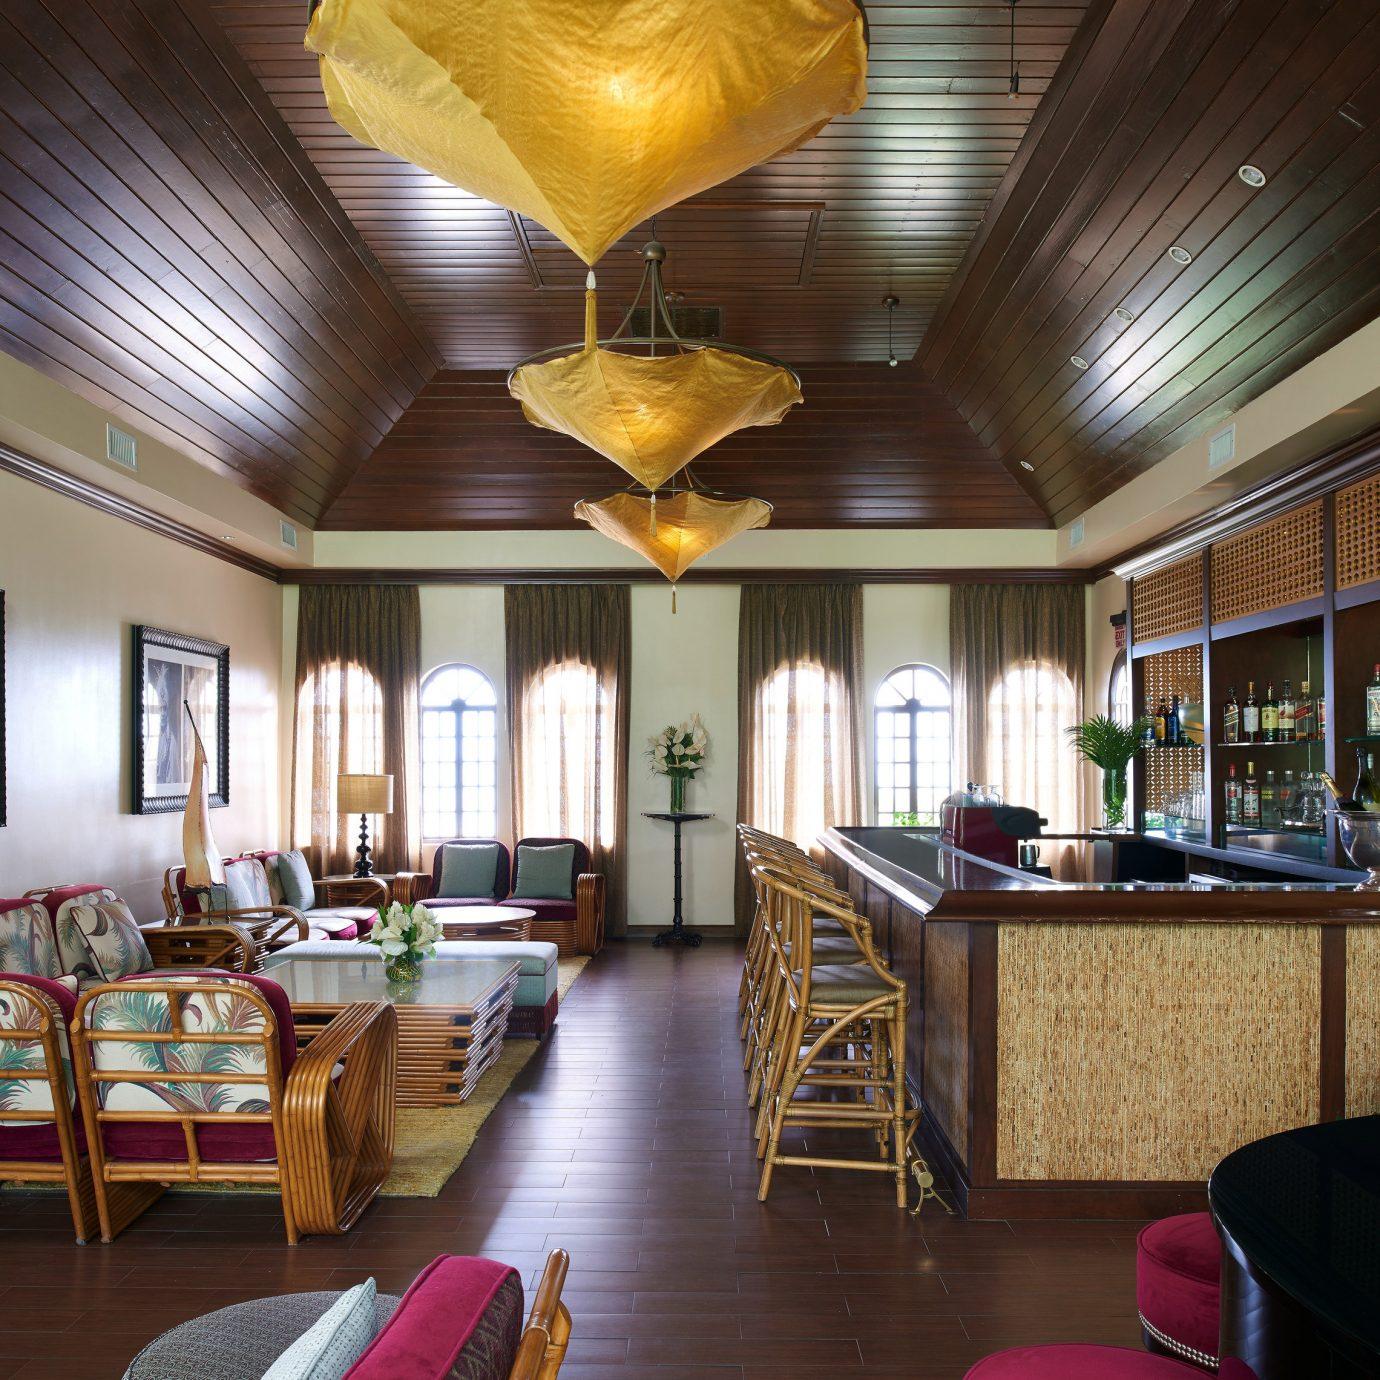 restaurant Dining Lobby function hall café